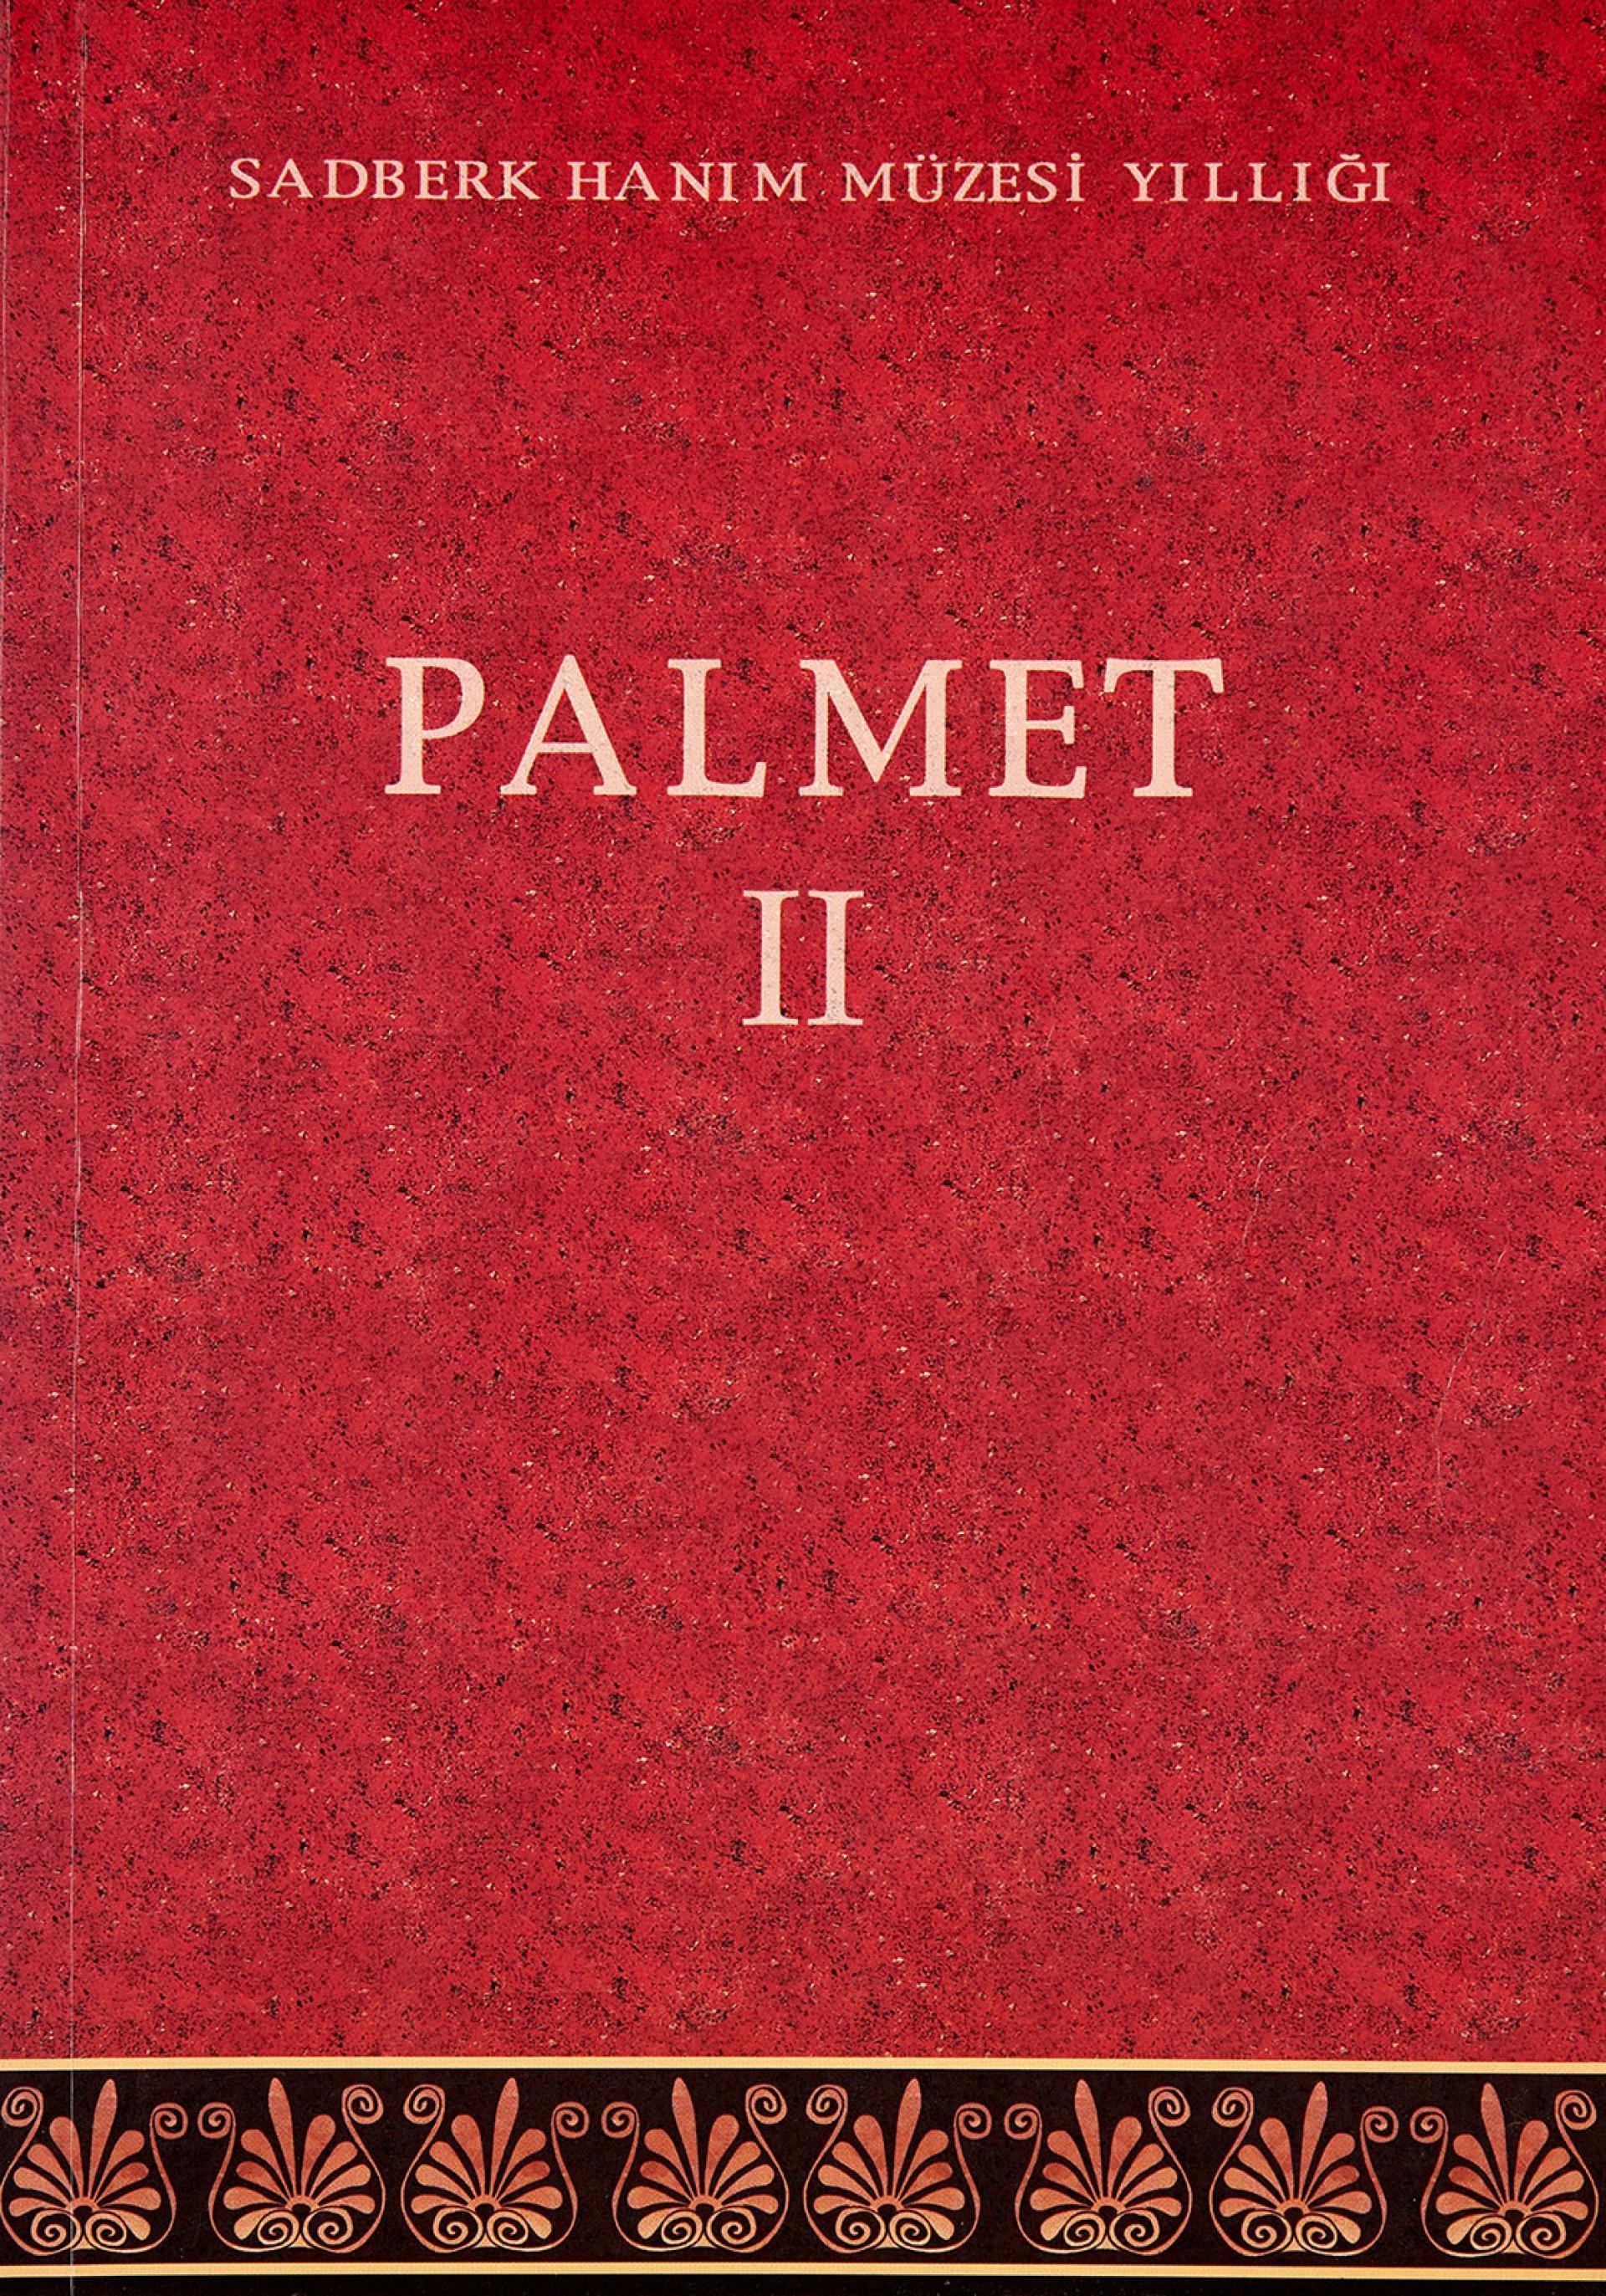 Palmet II - Sadberk Hanım Müzesi Yıllığı - BOOKS - Sadberk Hanım Museum